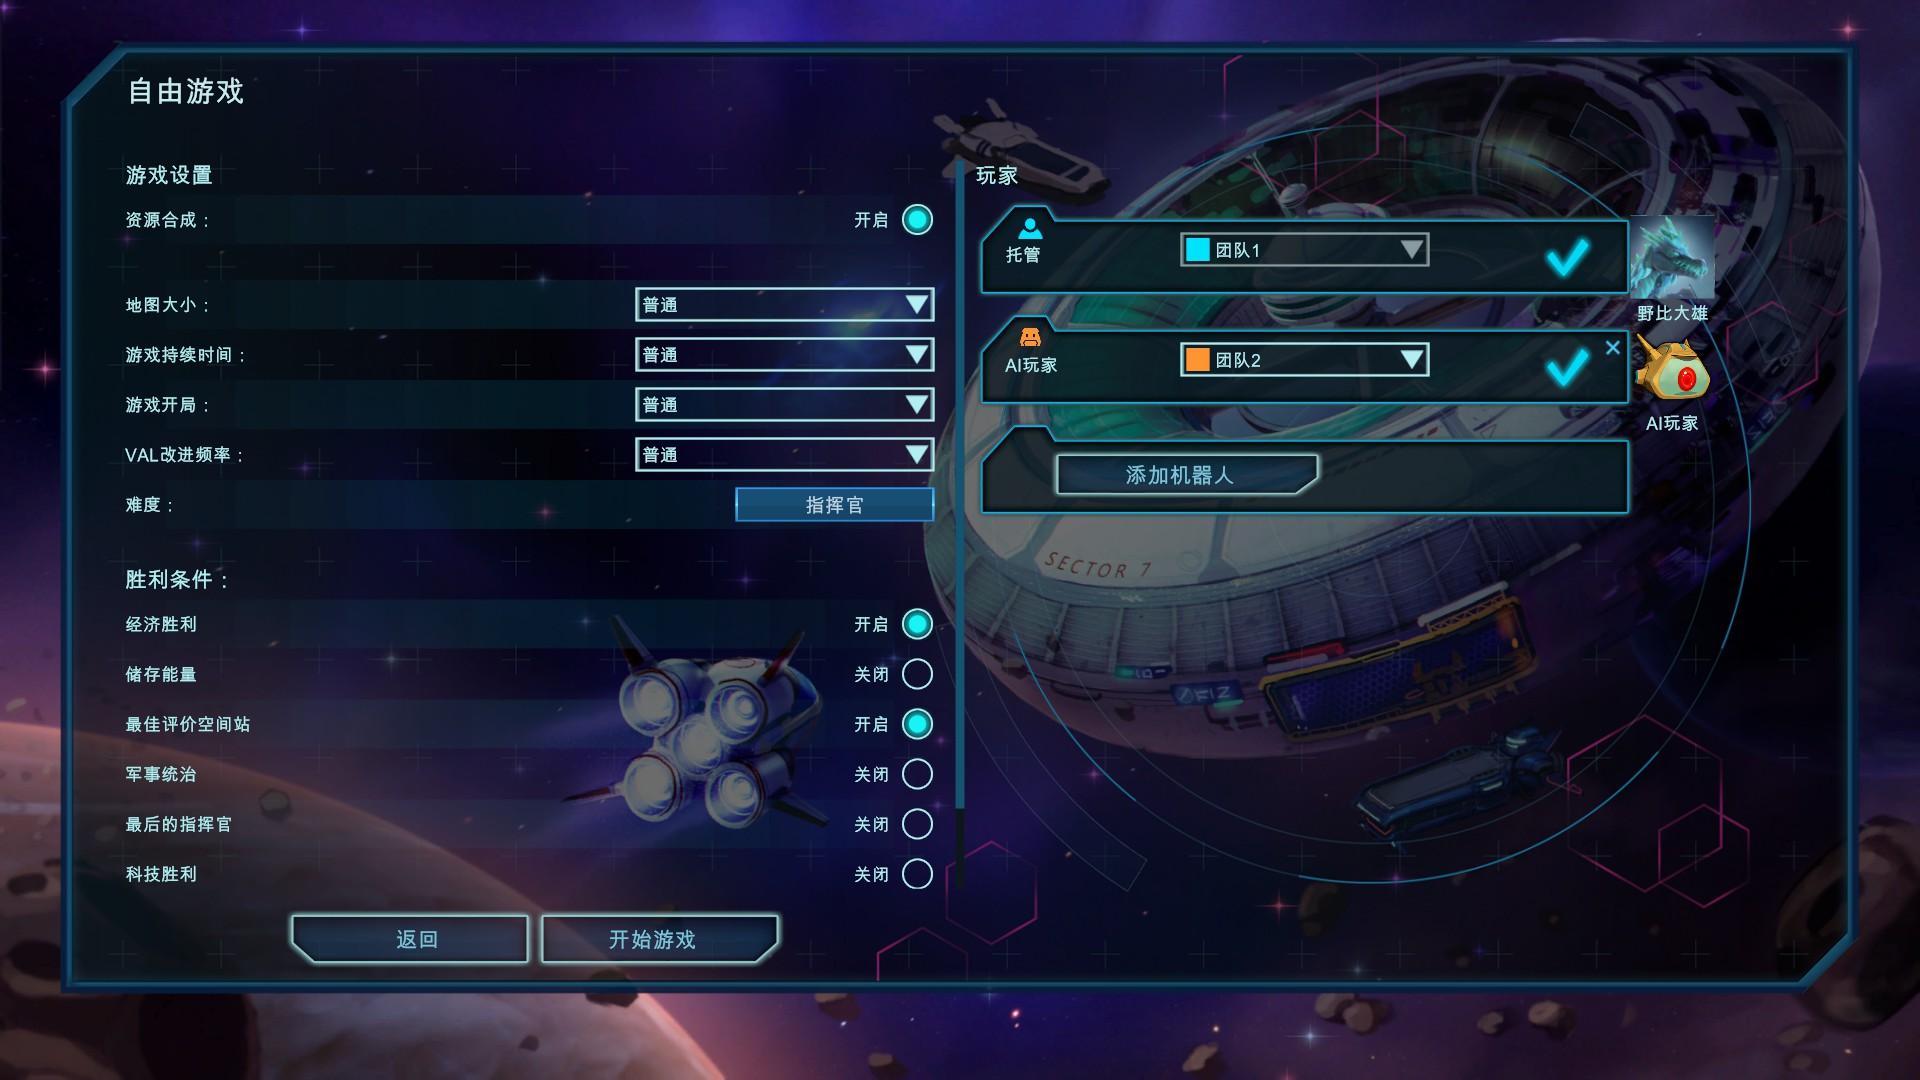 《星际乐土太空基地》评测:60%的模拟经营,还有4X和RTS